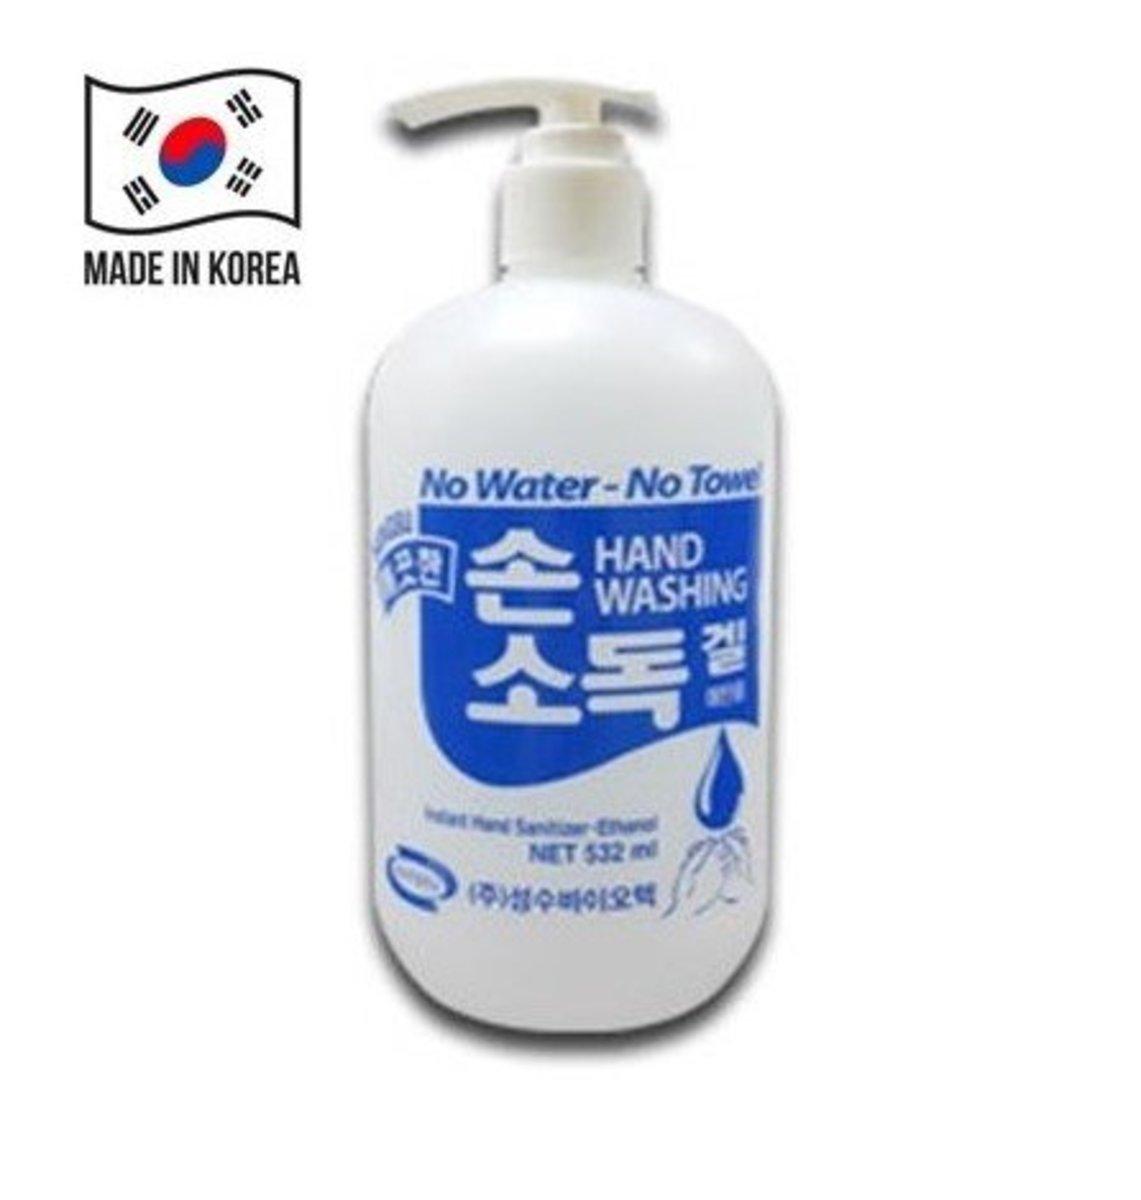 韓國免洗62%酒精消毒搓手液 532ml